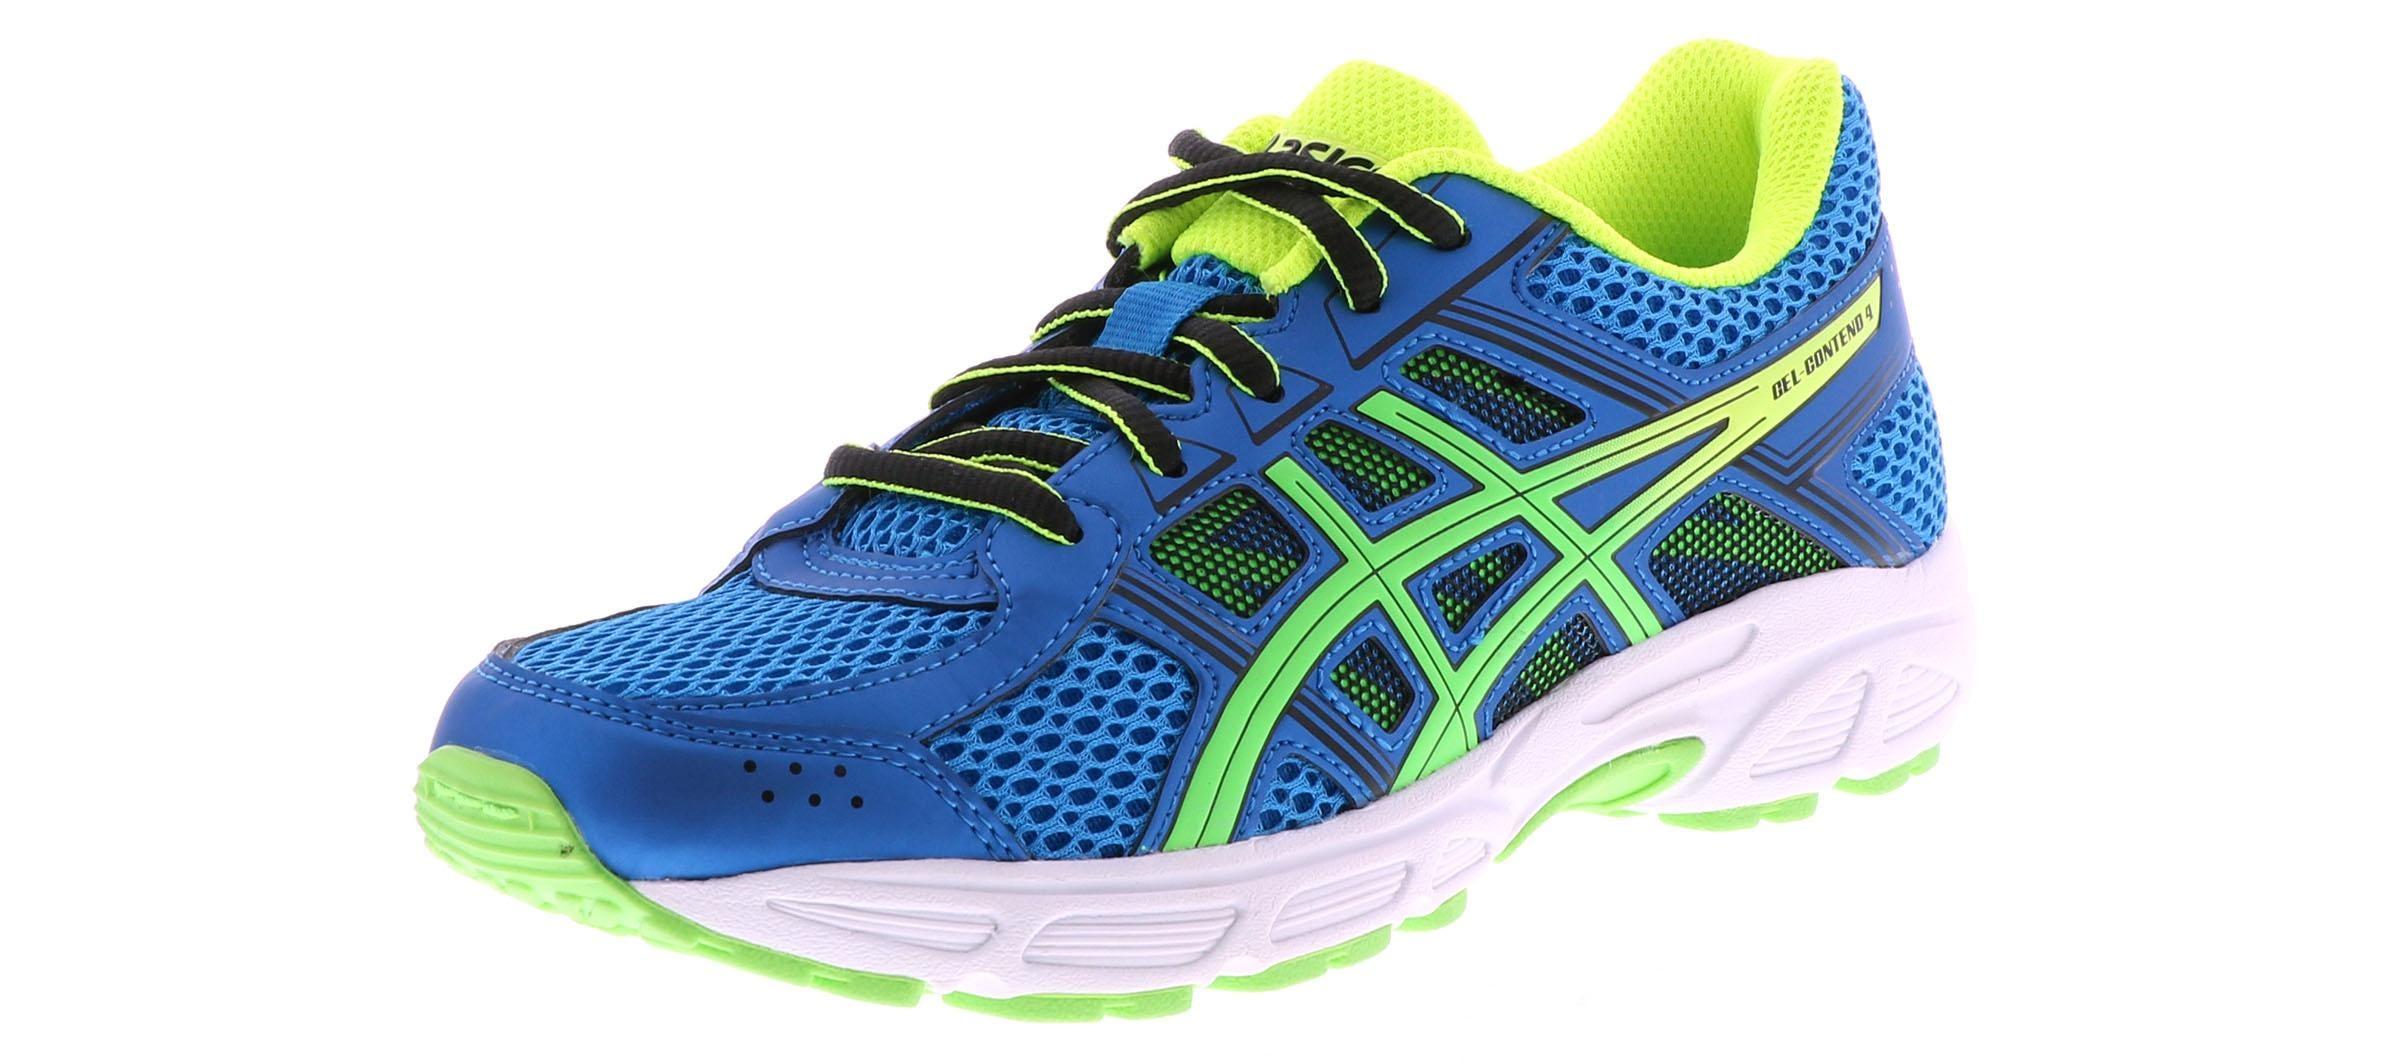 Kid's Asics Gel Contend 4 (2 7) Blue Shoe Sensation  Shoe Sensation